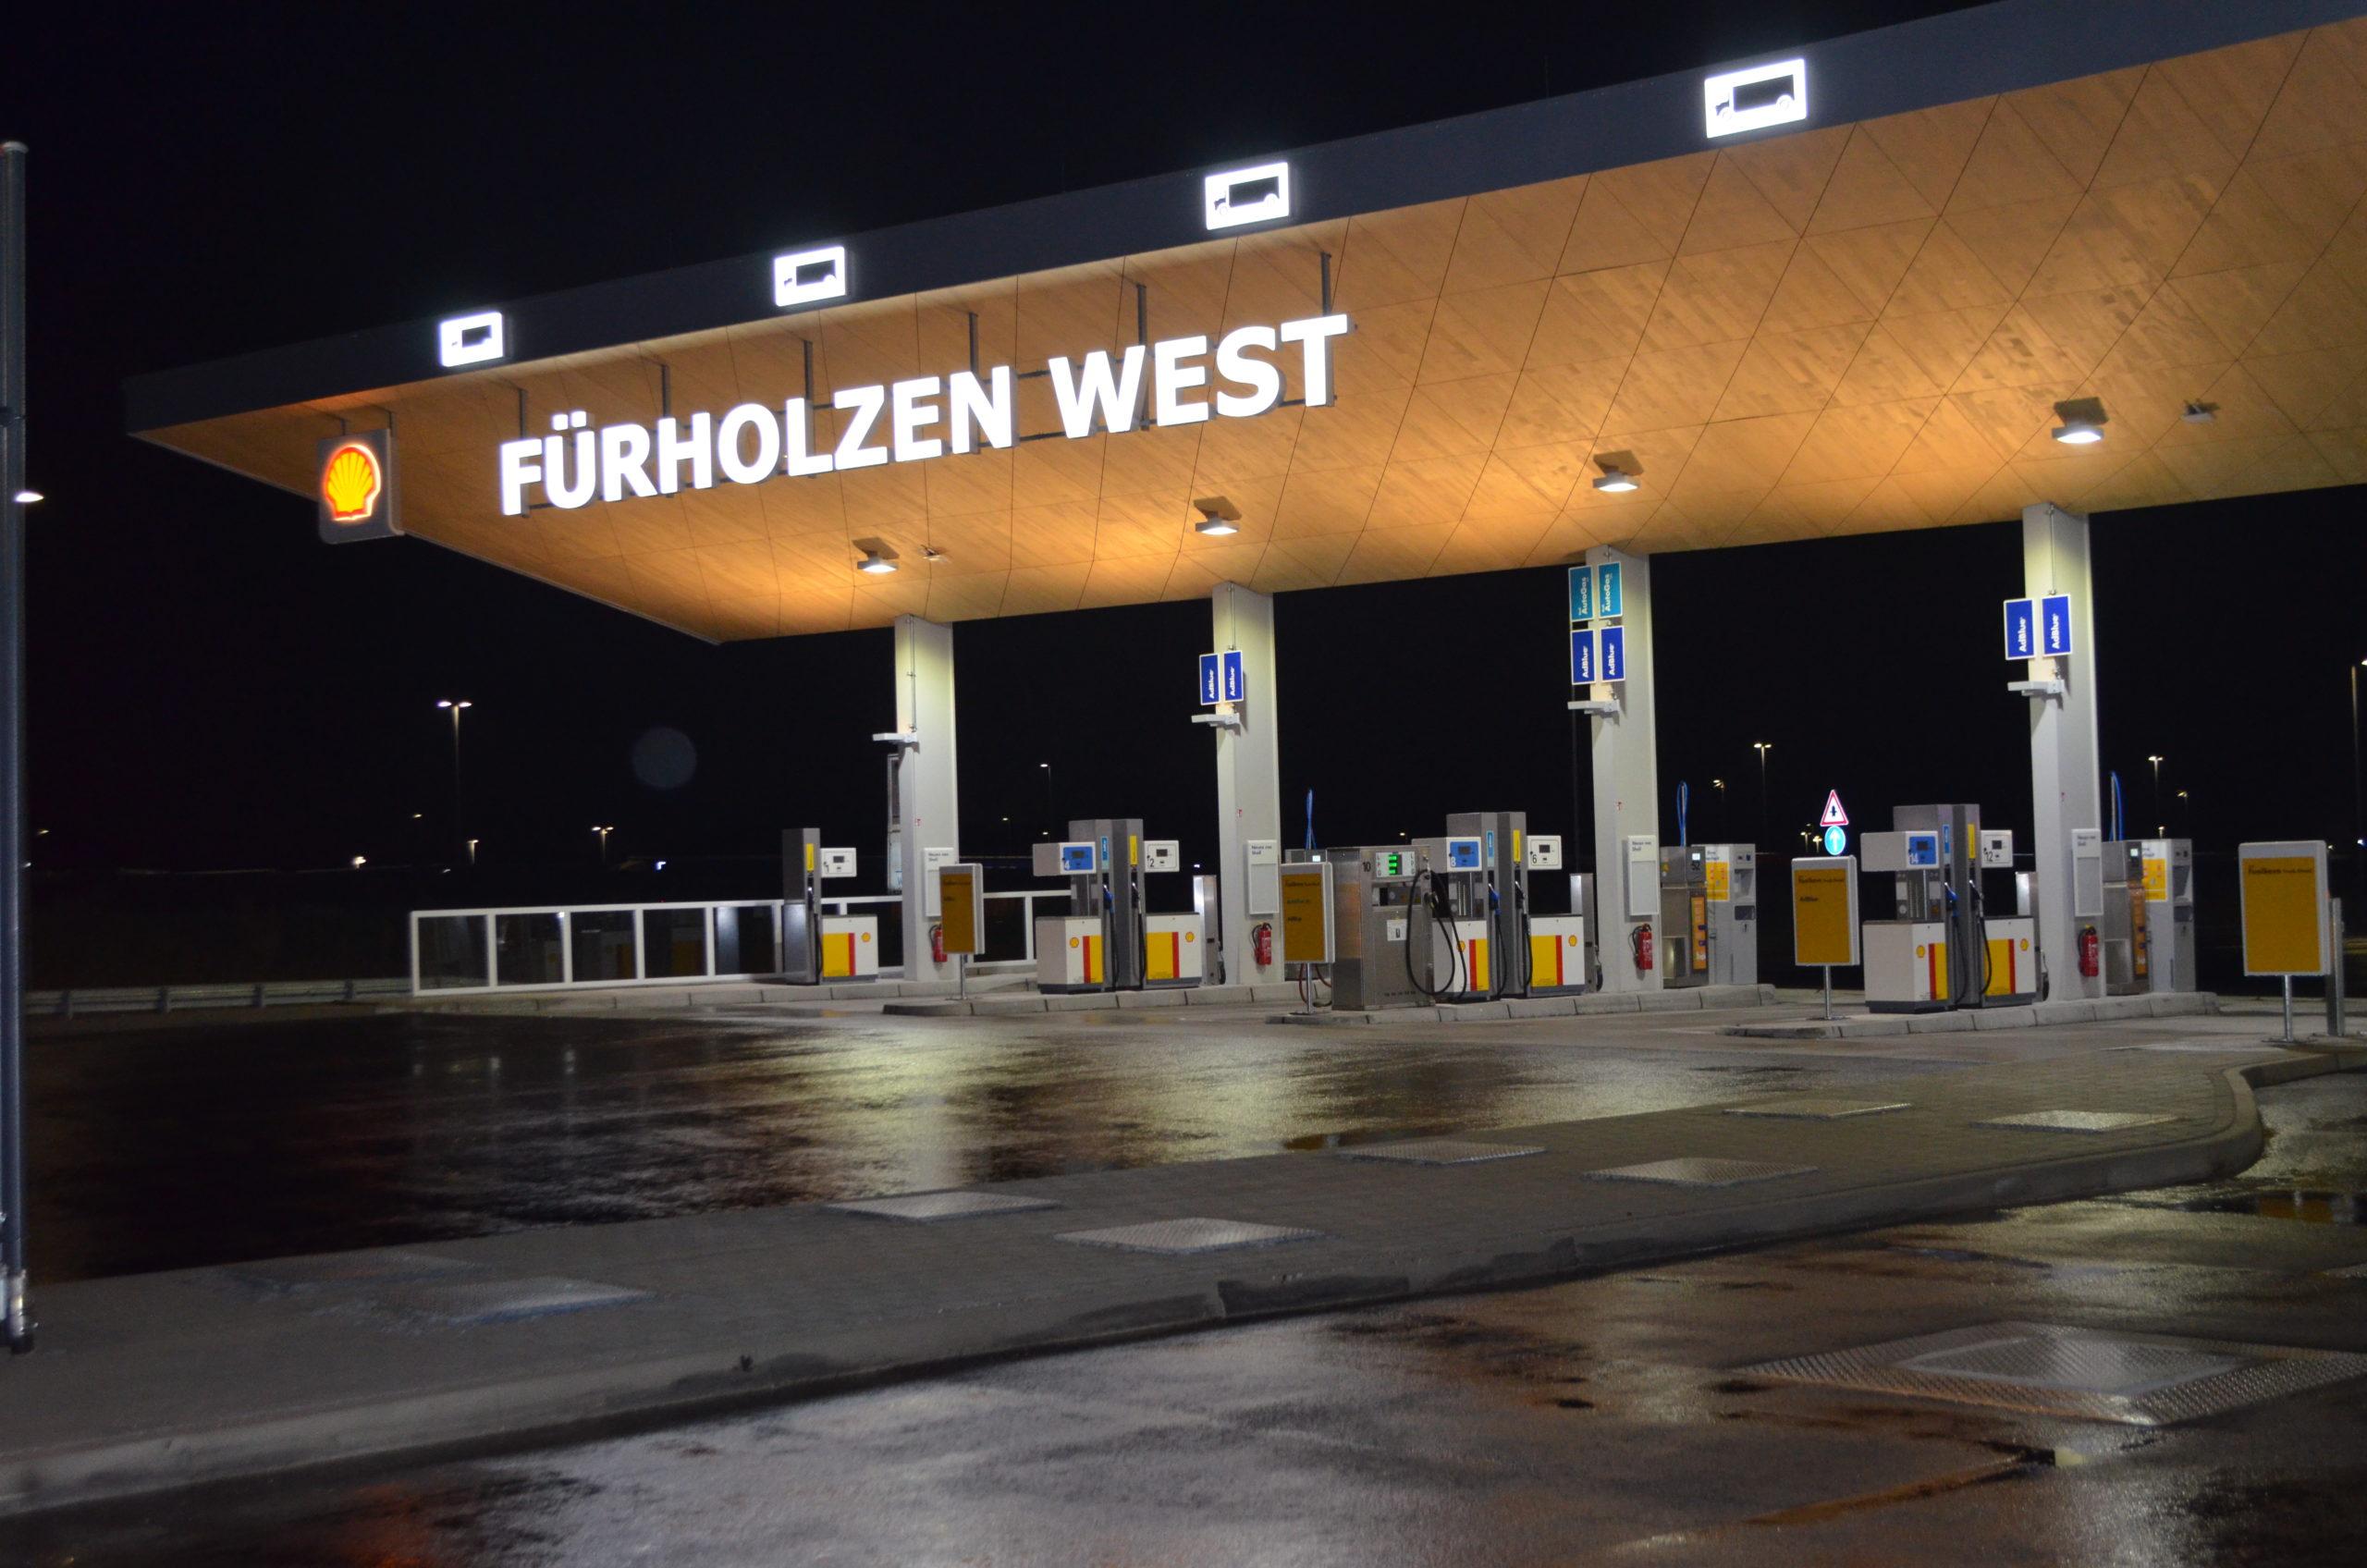 Tank & Rast Fürholzen West